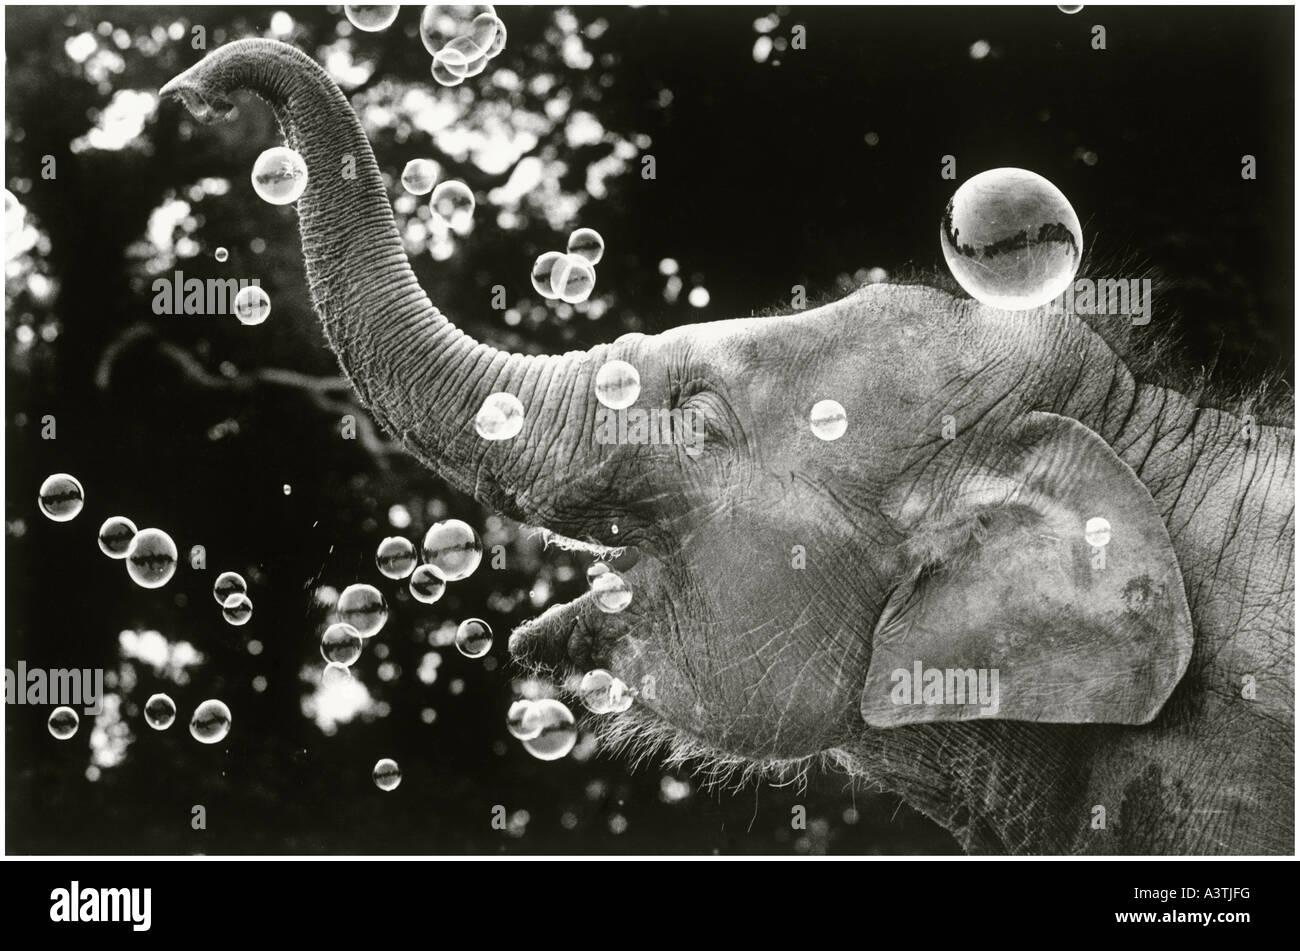 Bella la baby elephant giocando con bolle. Immagini Stock